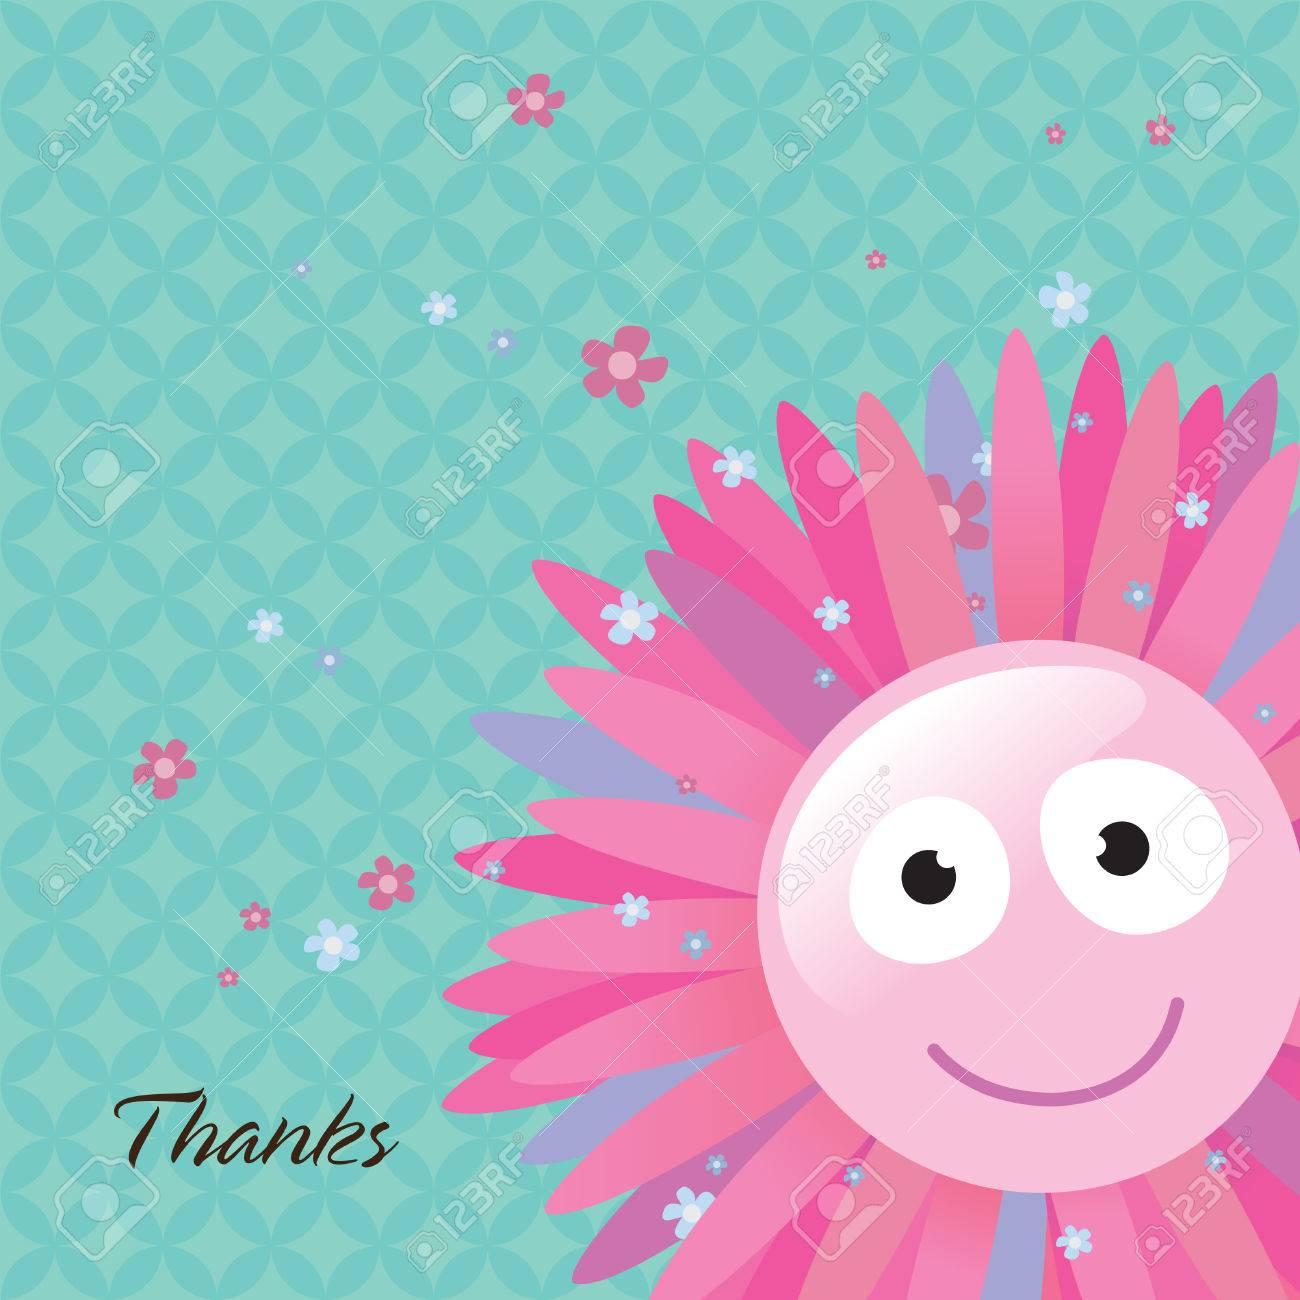 Thank You Card Stock Vector - 4578099